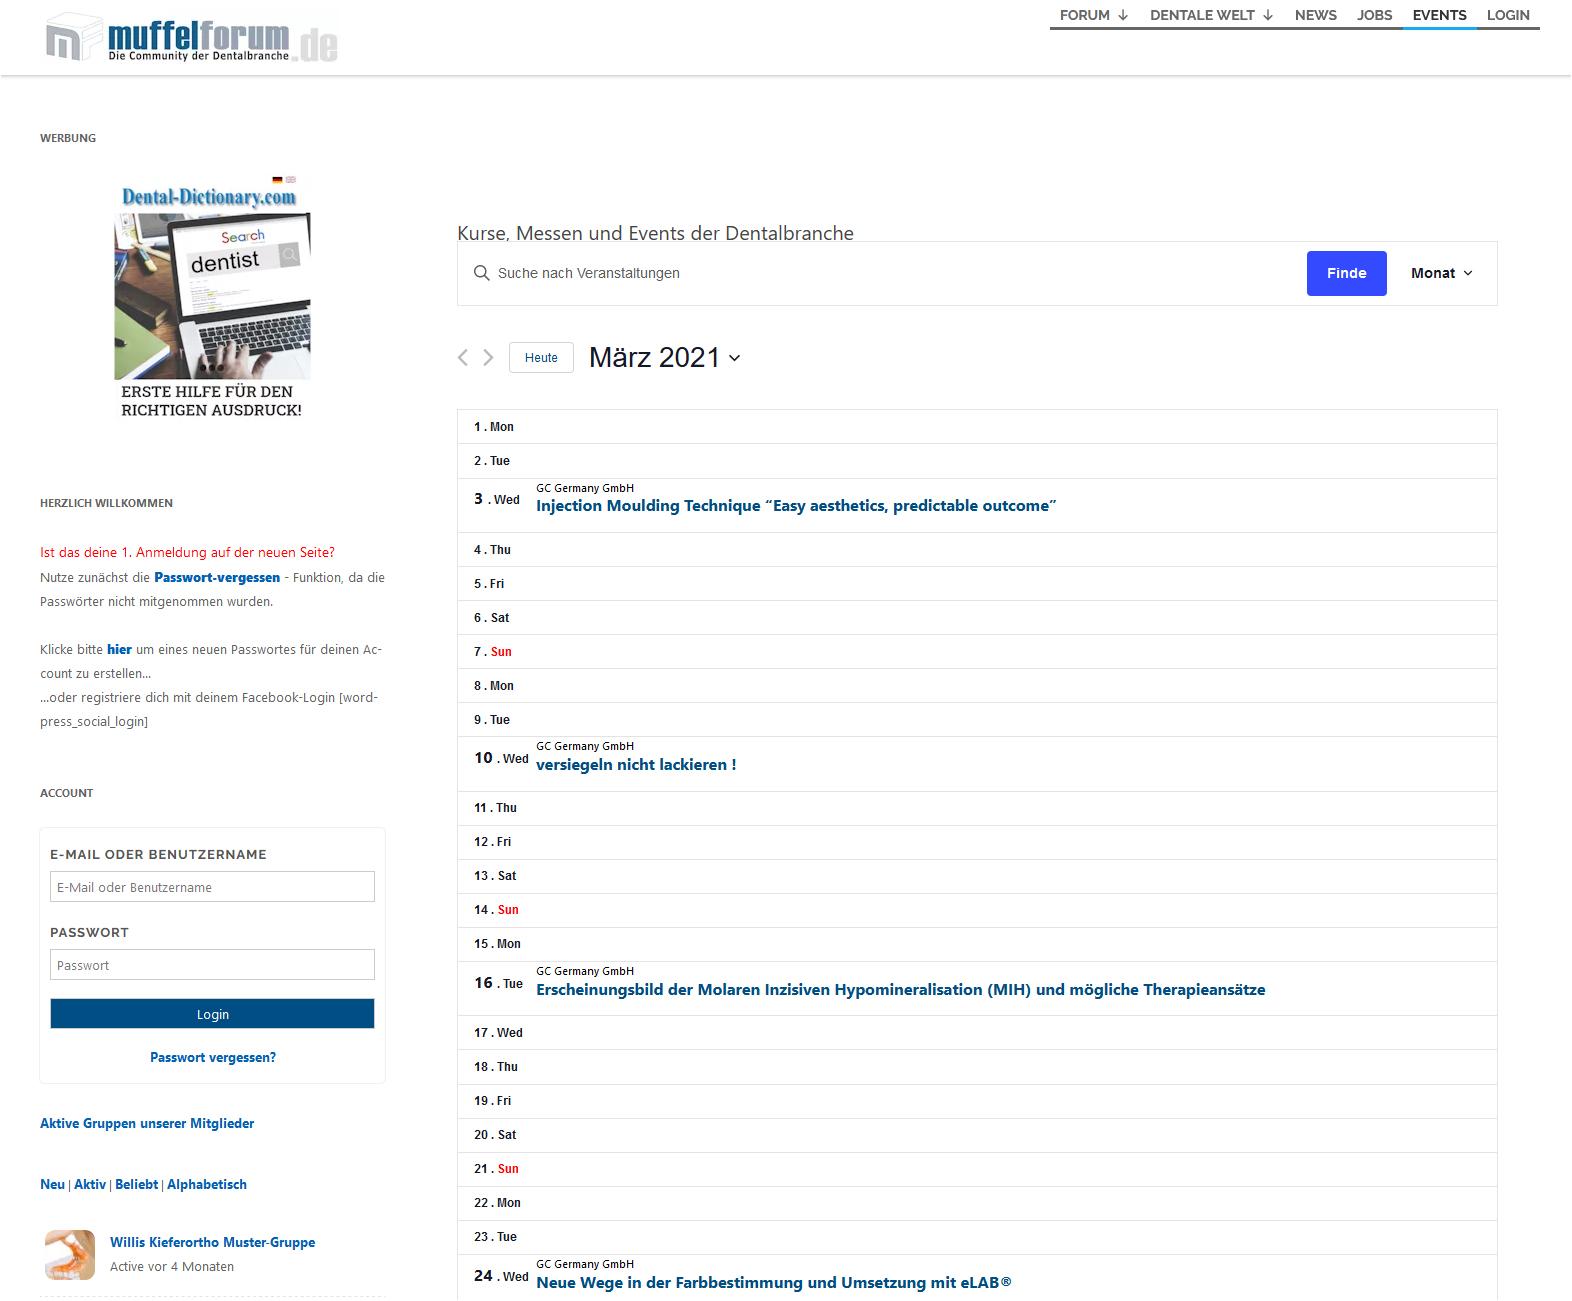 GC Germany Webinare